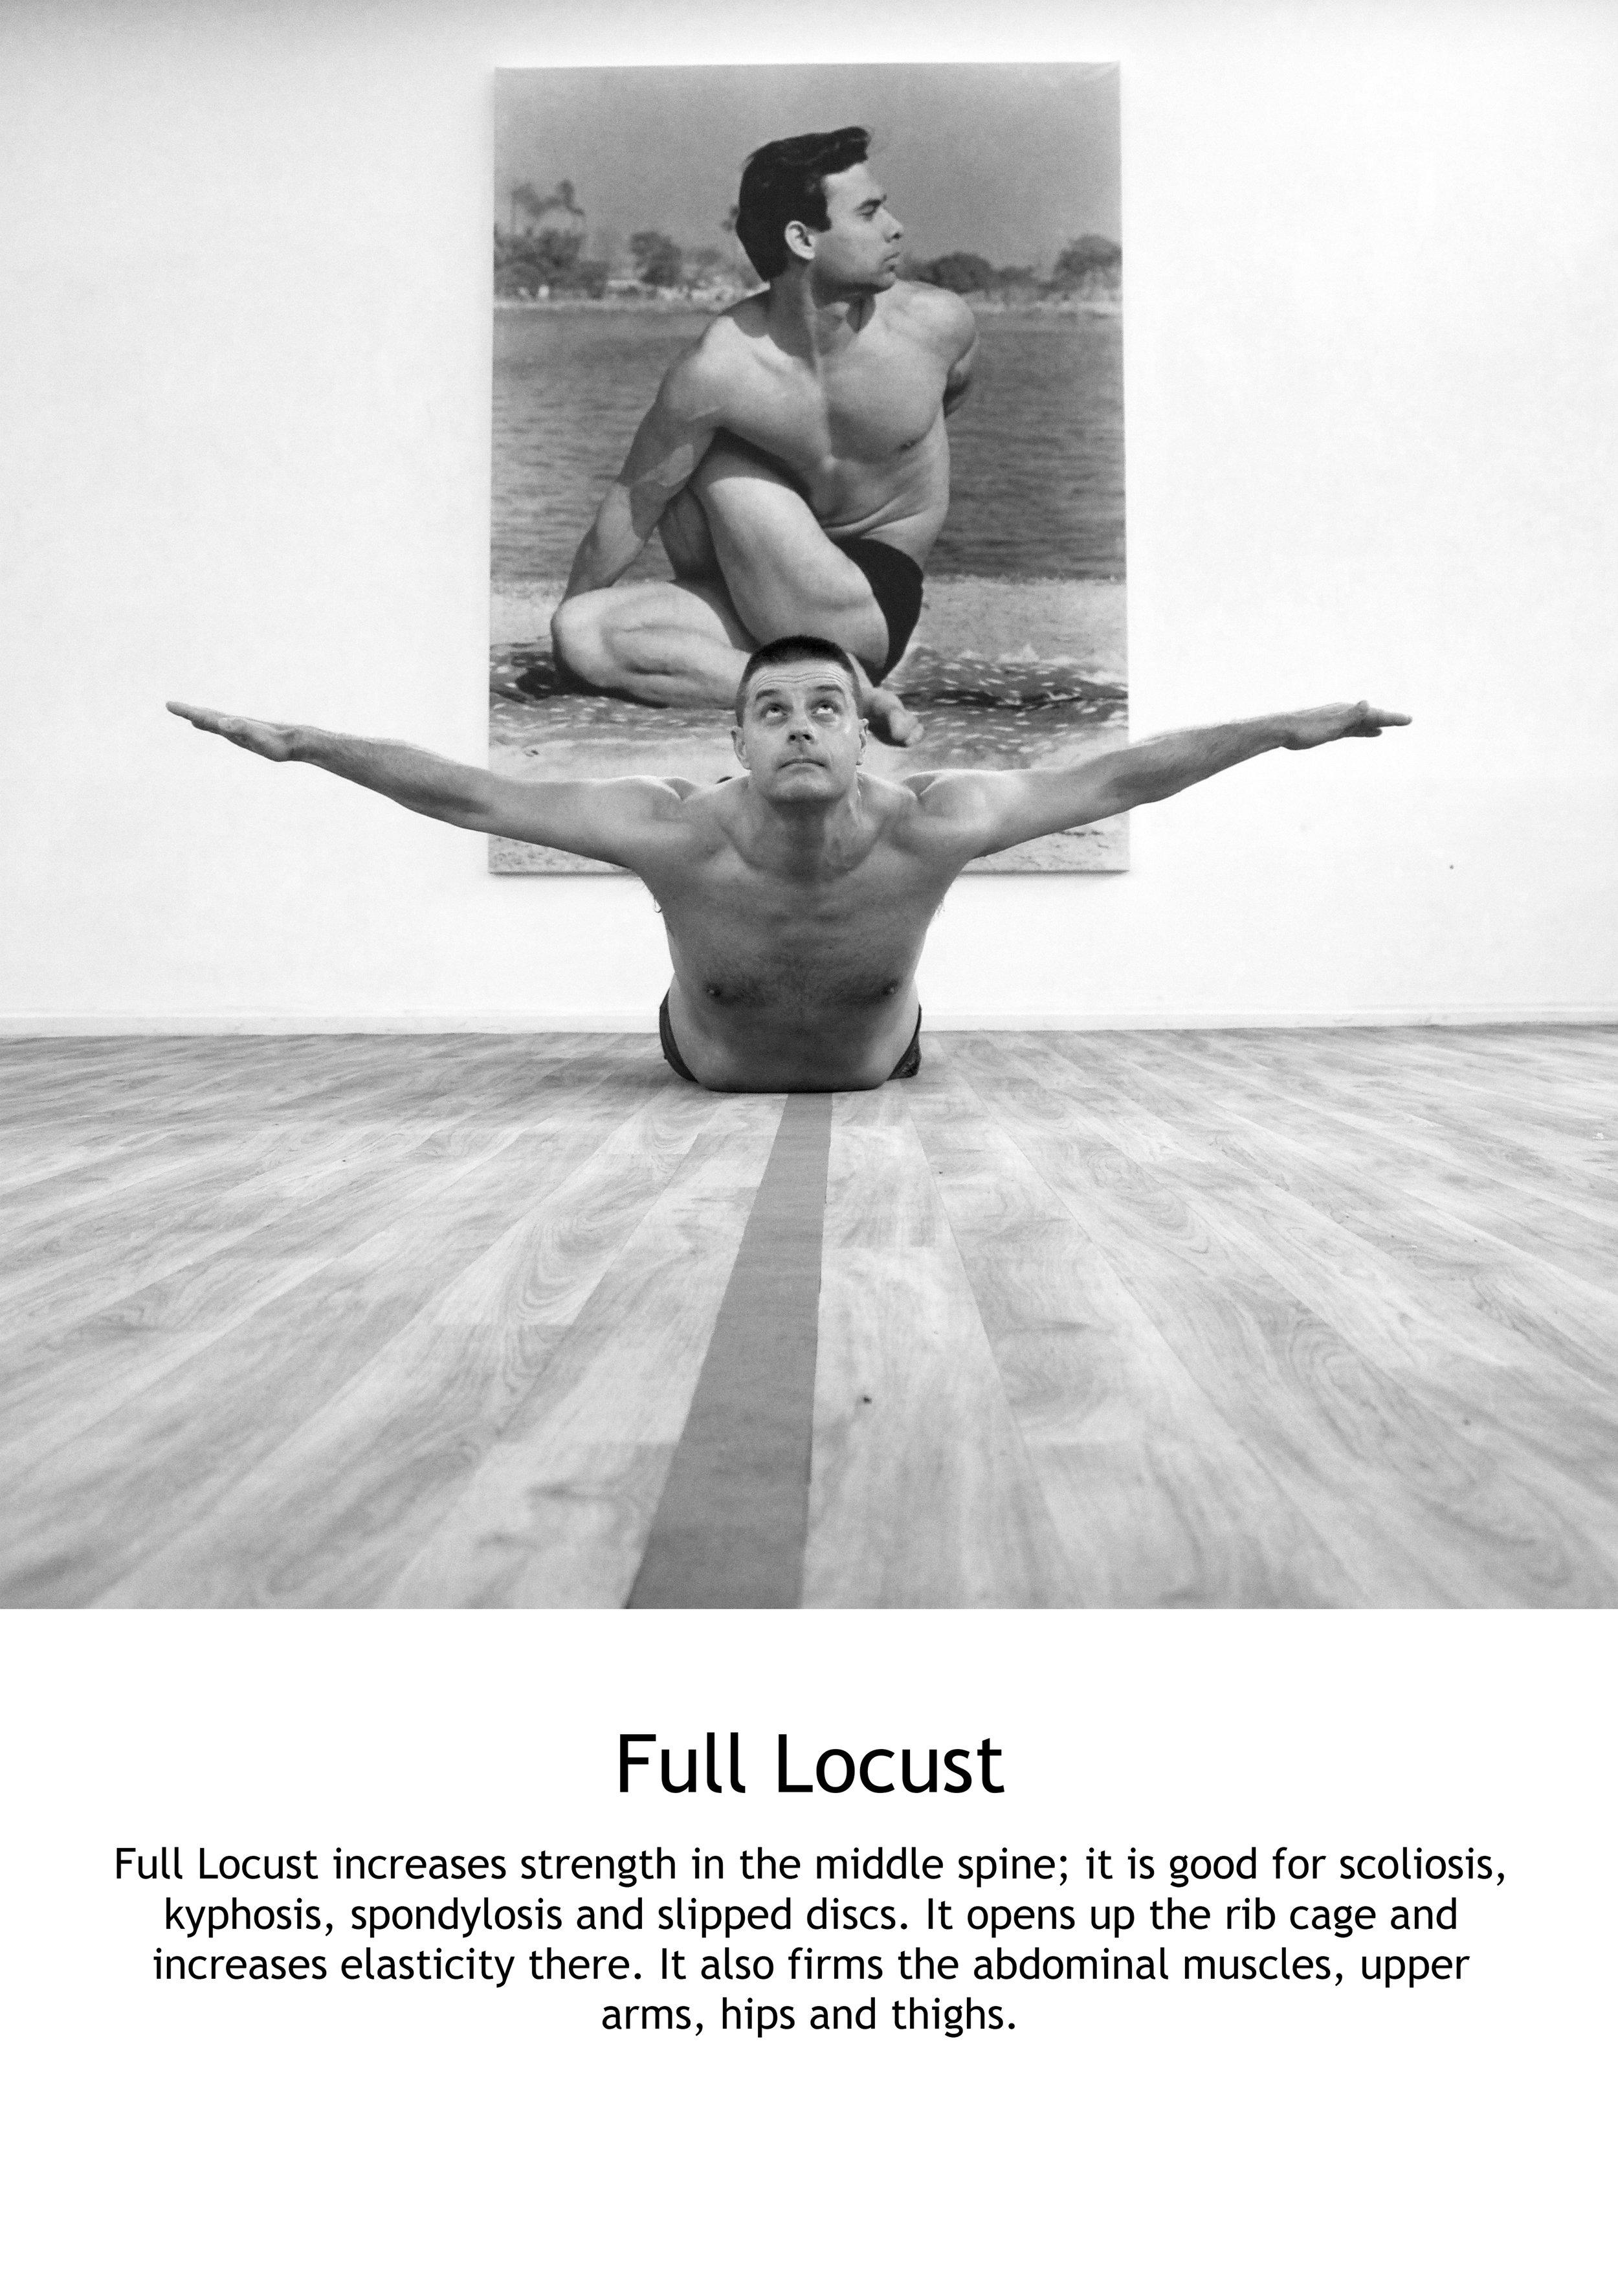 Full Locust